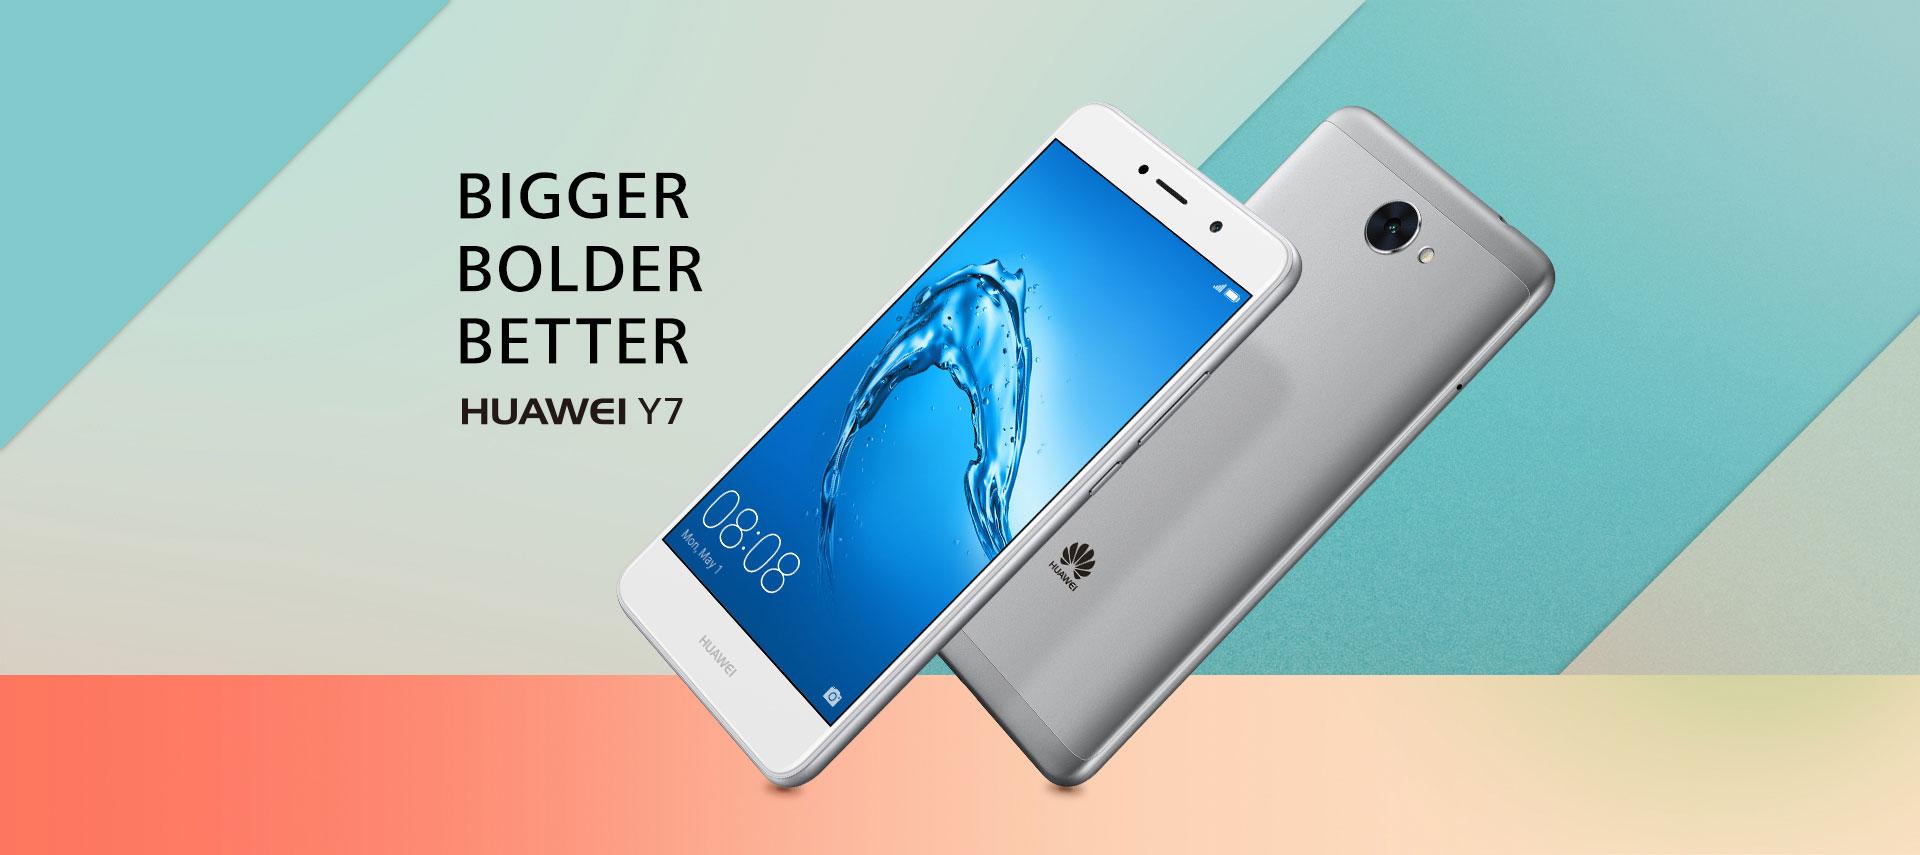 Huawei Y7, jako-taki ¶redniak